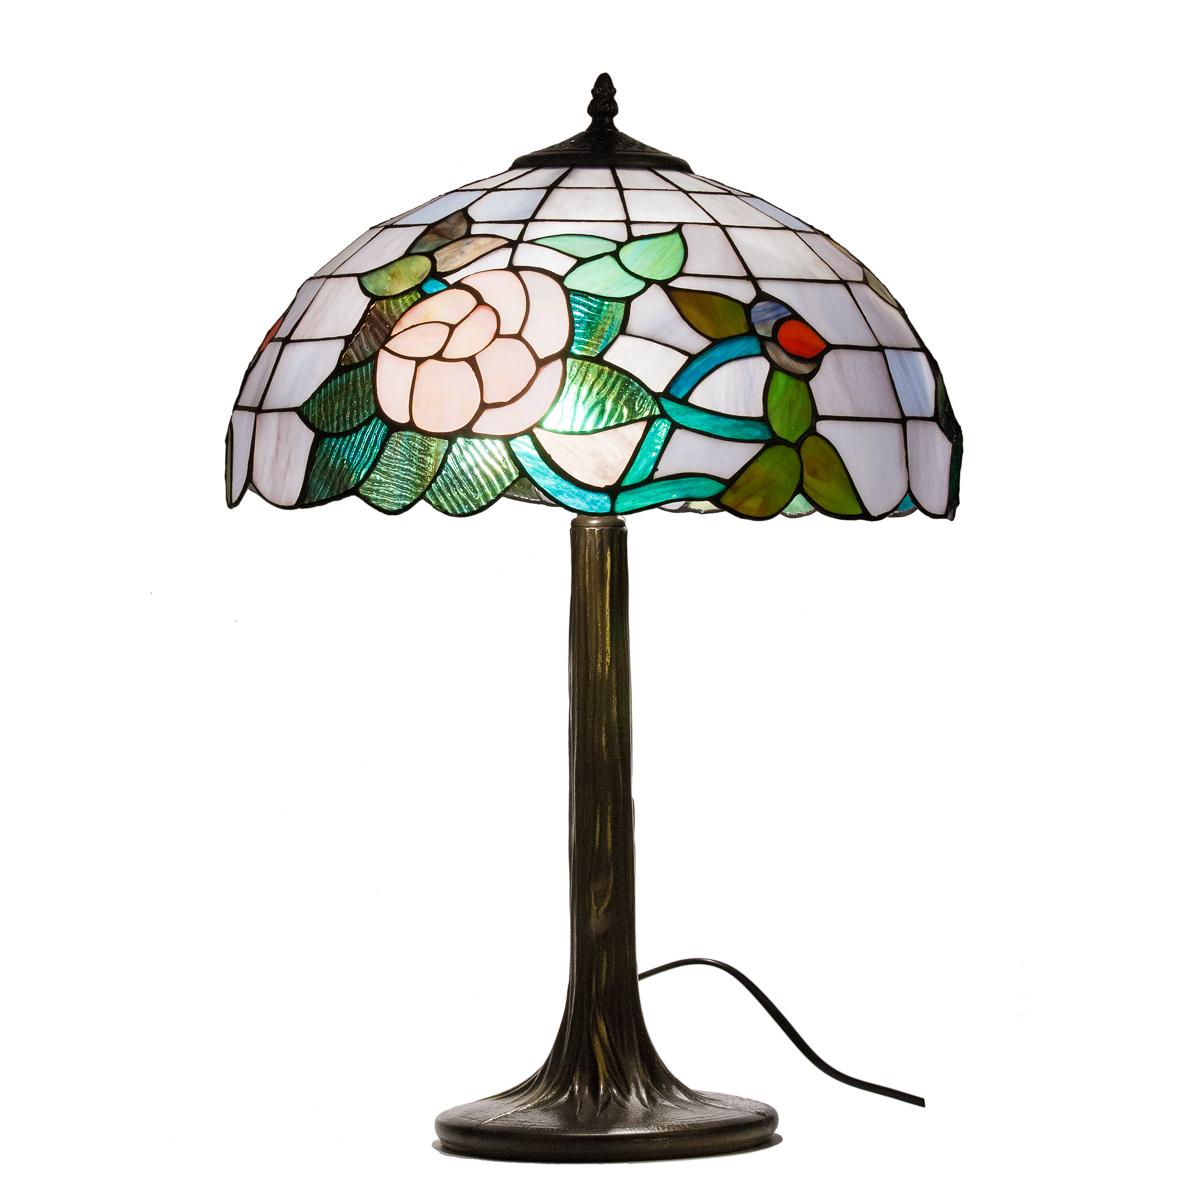 tischlampe tischleuchte lampe im tiffany stil bush rose 40 40x56cm ebay. Black Bedroom Furniture Sets. Home Design Ideas